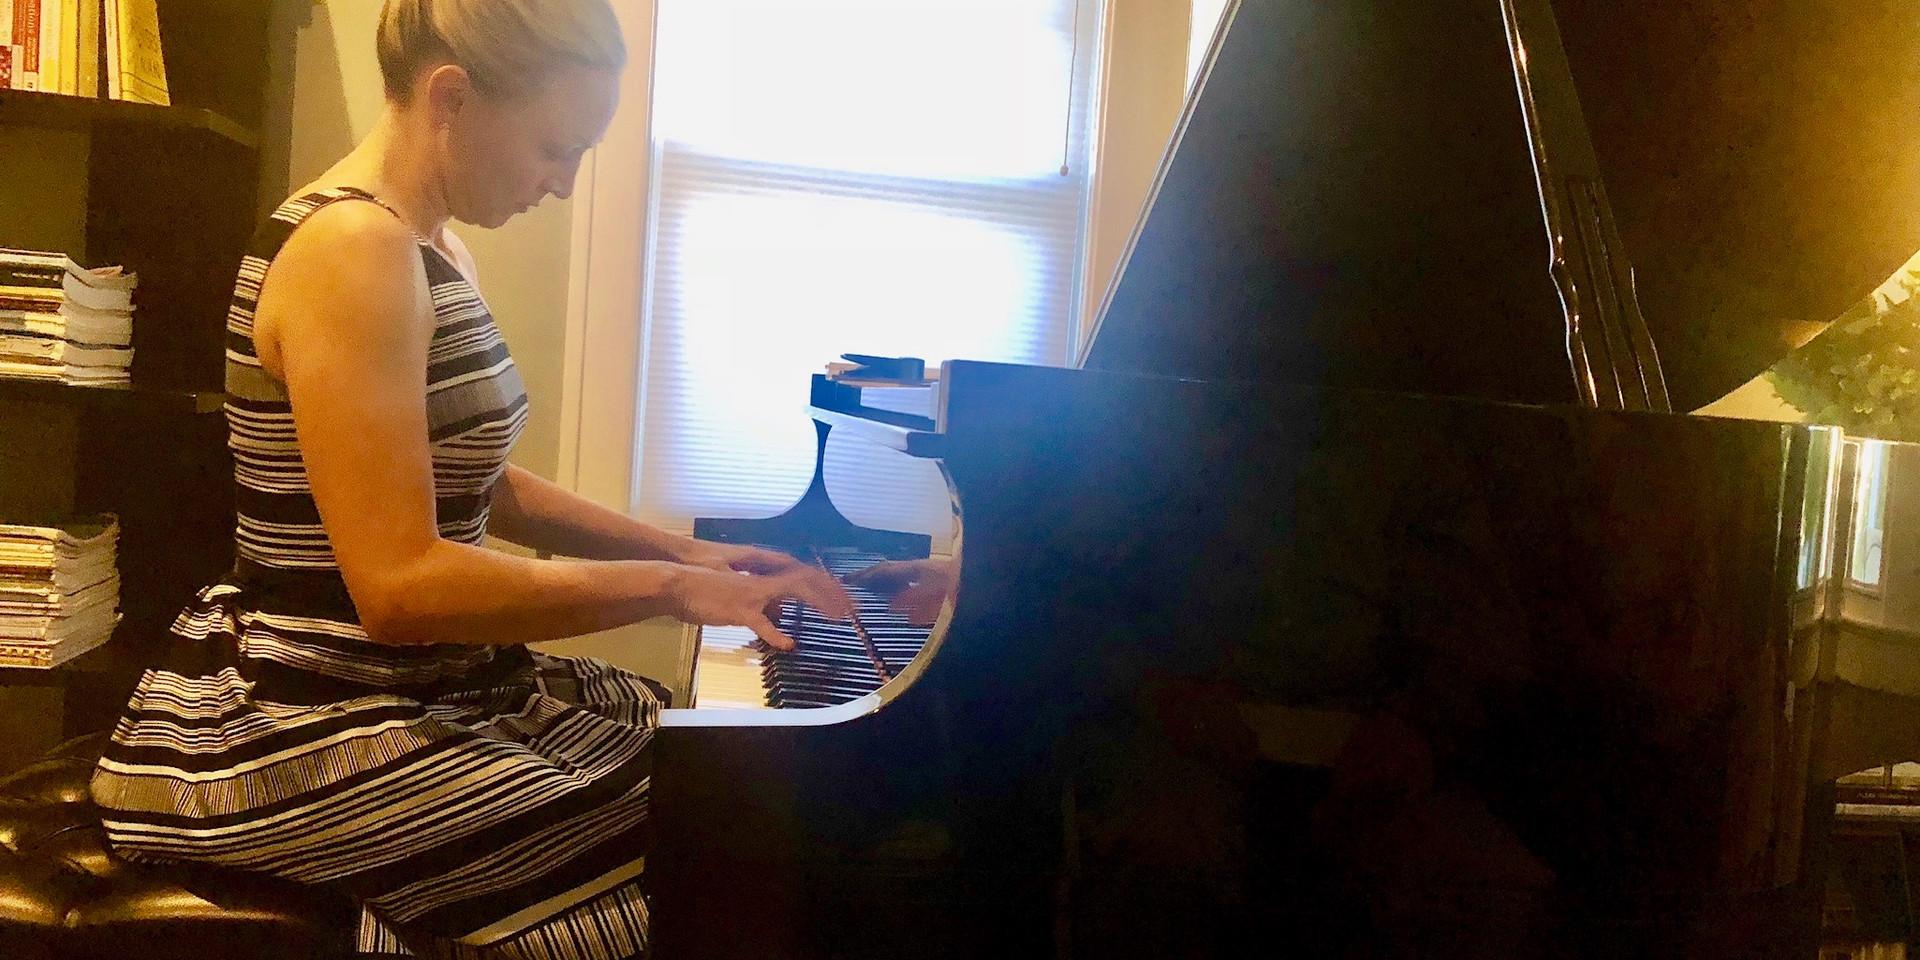 Kara Huber performing Gershwin